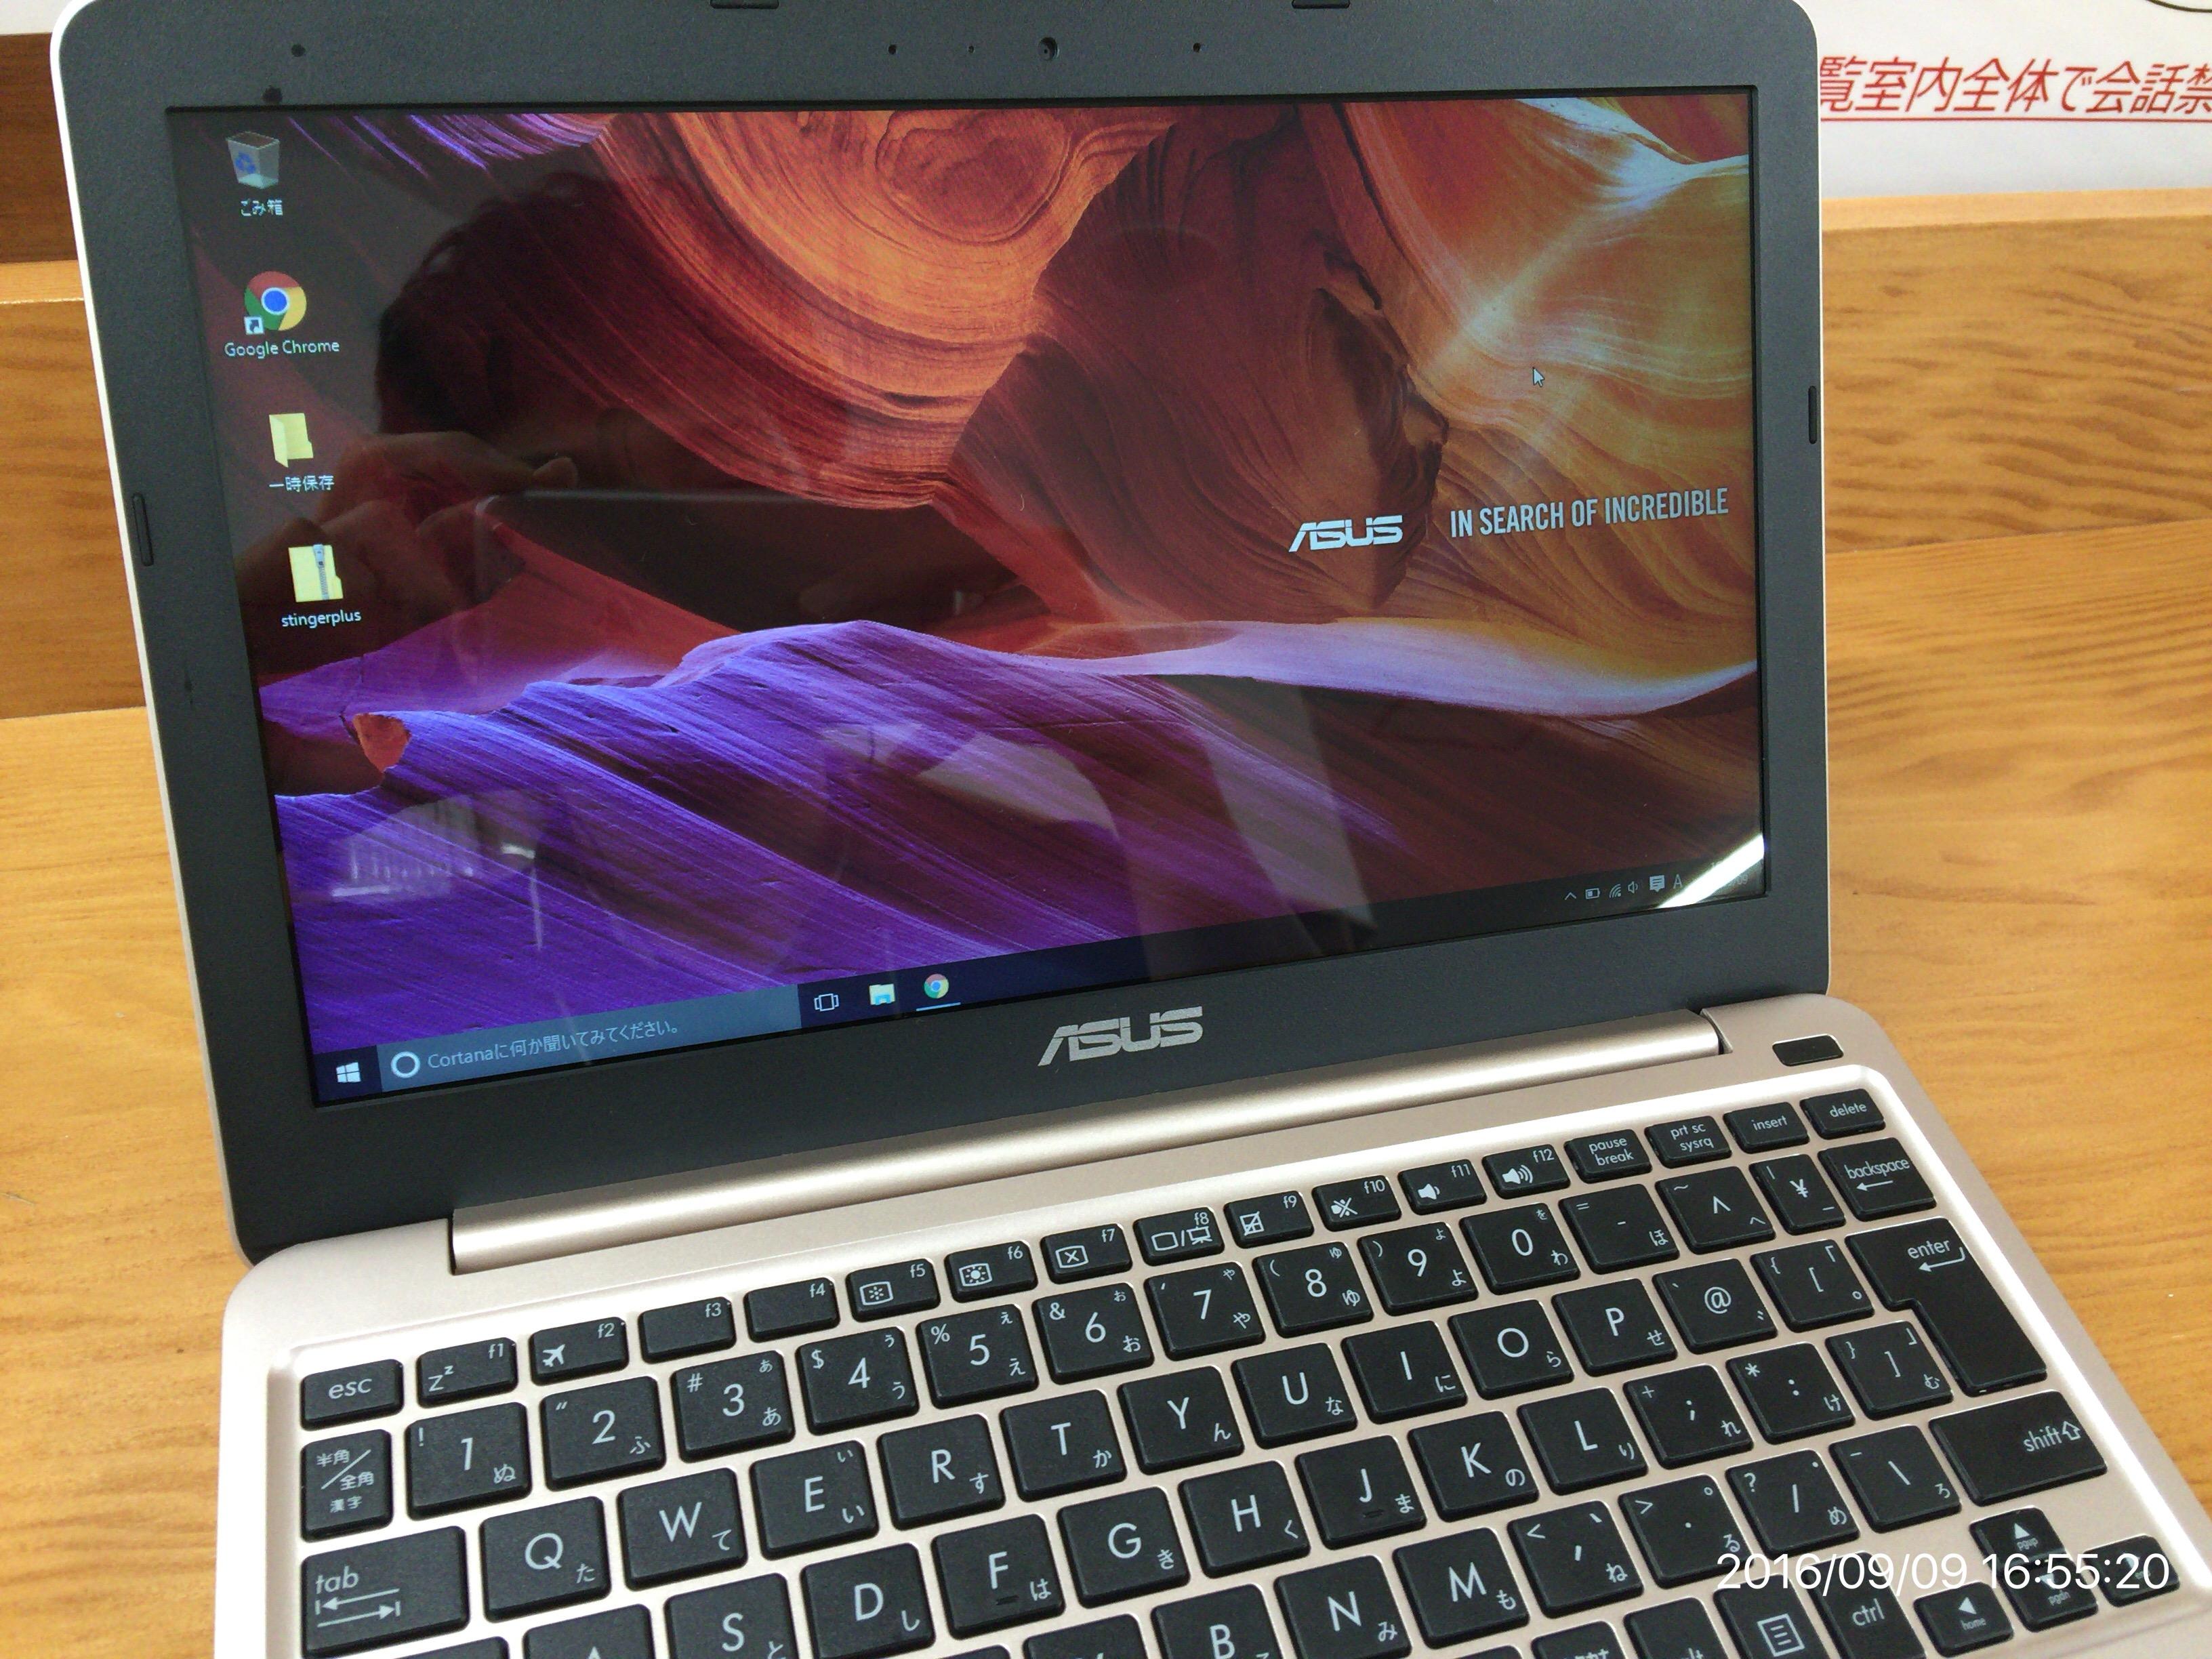 新型 ASUS VivoBook E200HA-8350 の気になったところ レビュー&評価